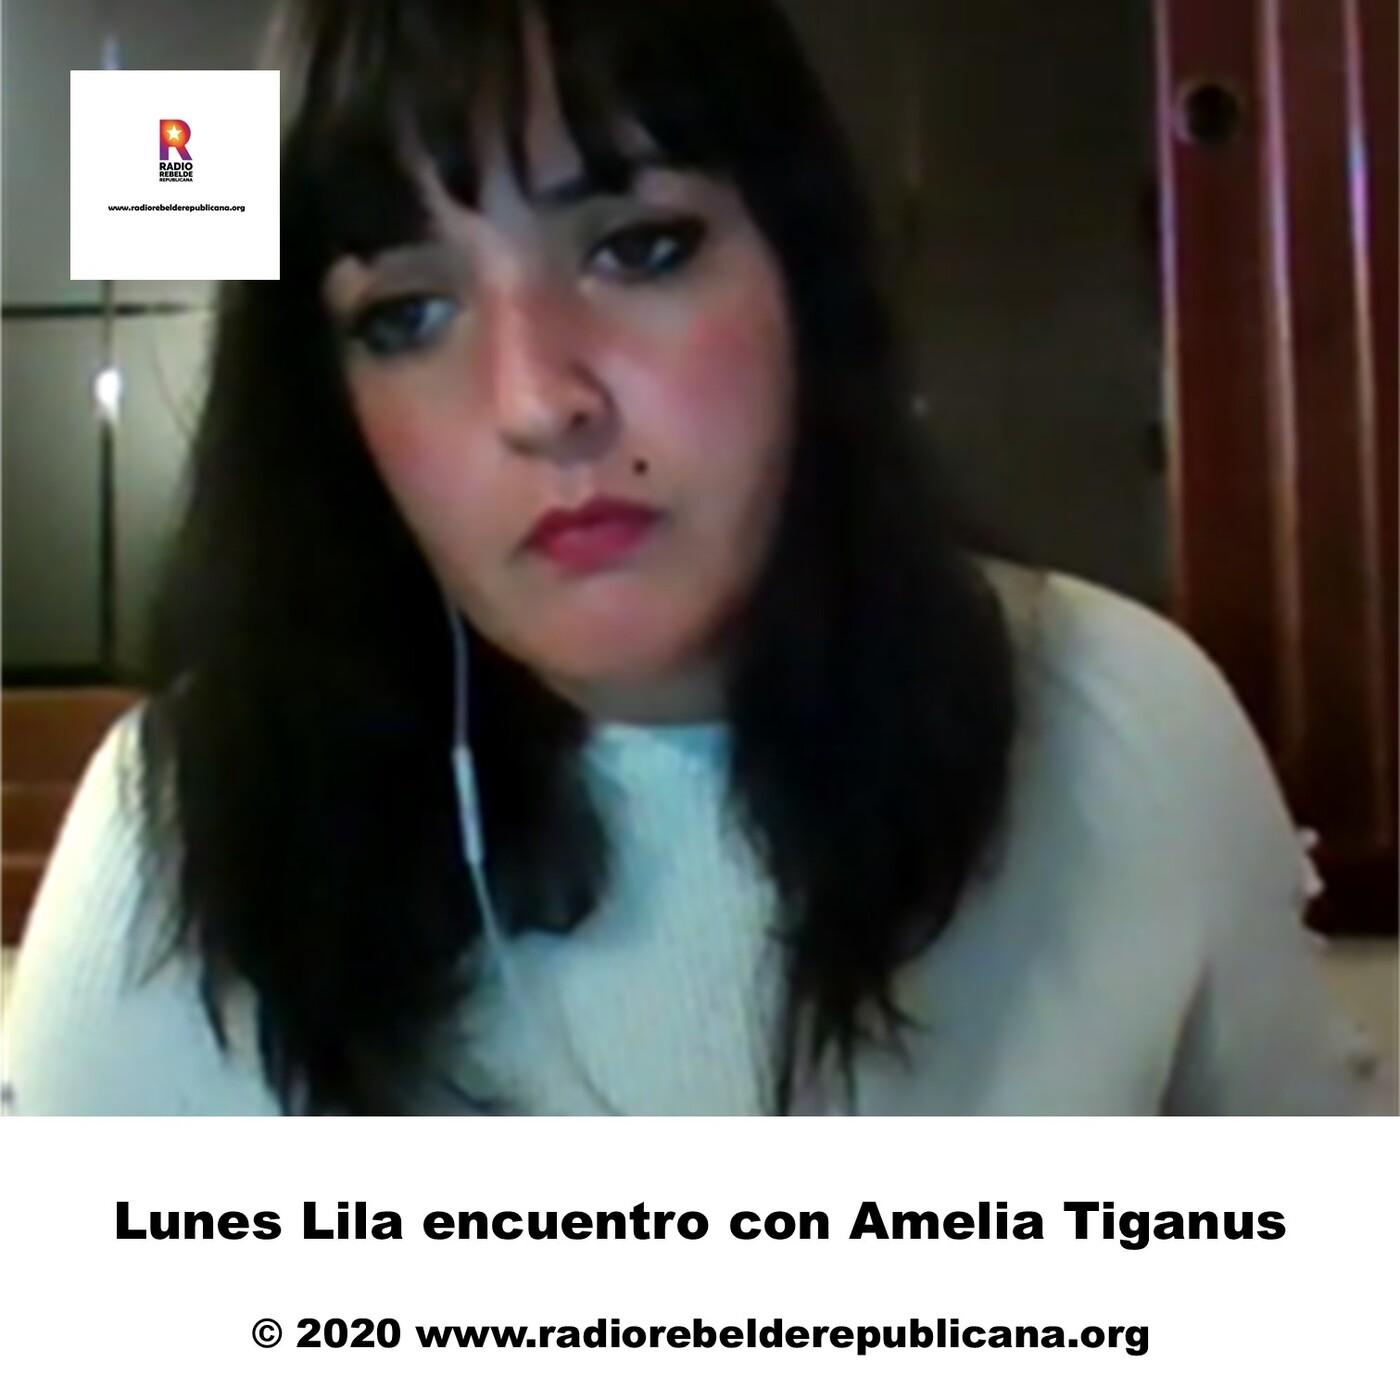 Lunes Lila encuentro con Amelia Tiganus